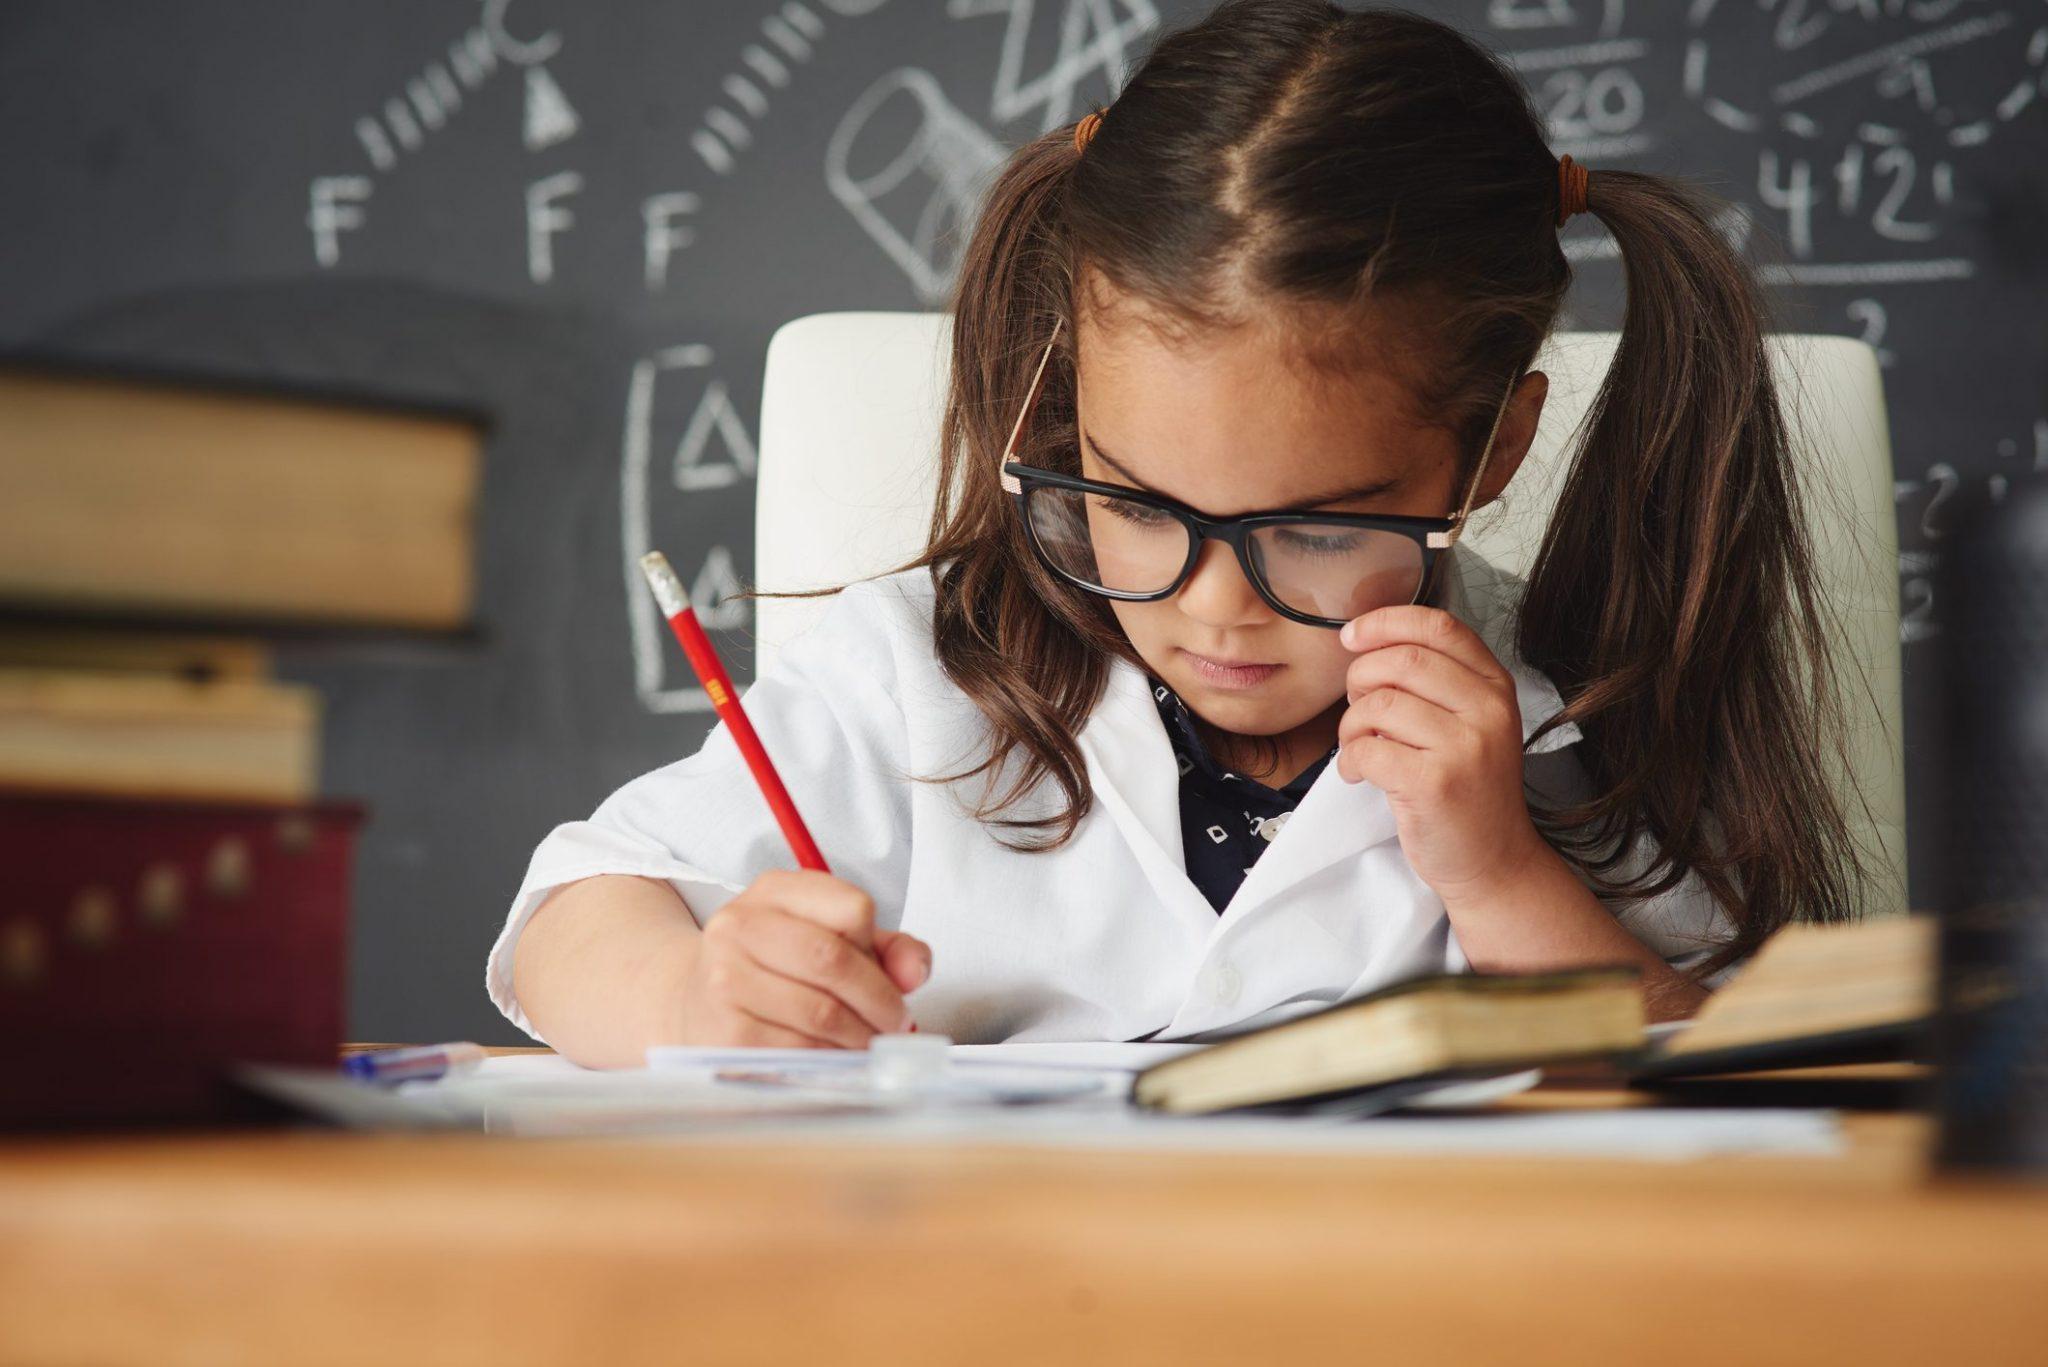 Bambini prodigio: ecco il test per capire se tuo figlio è un genio